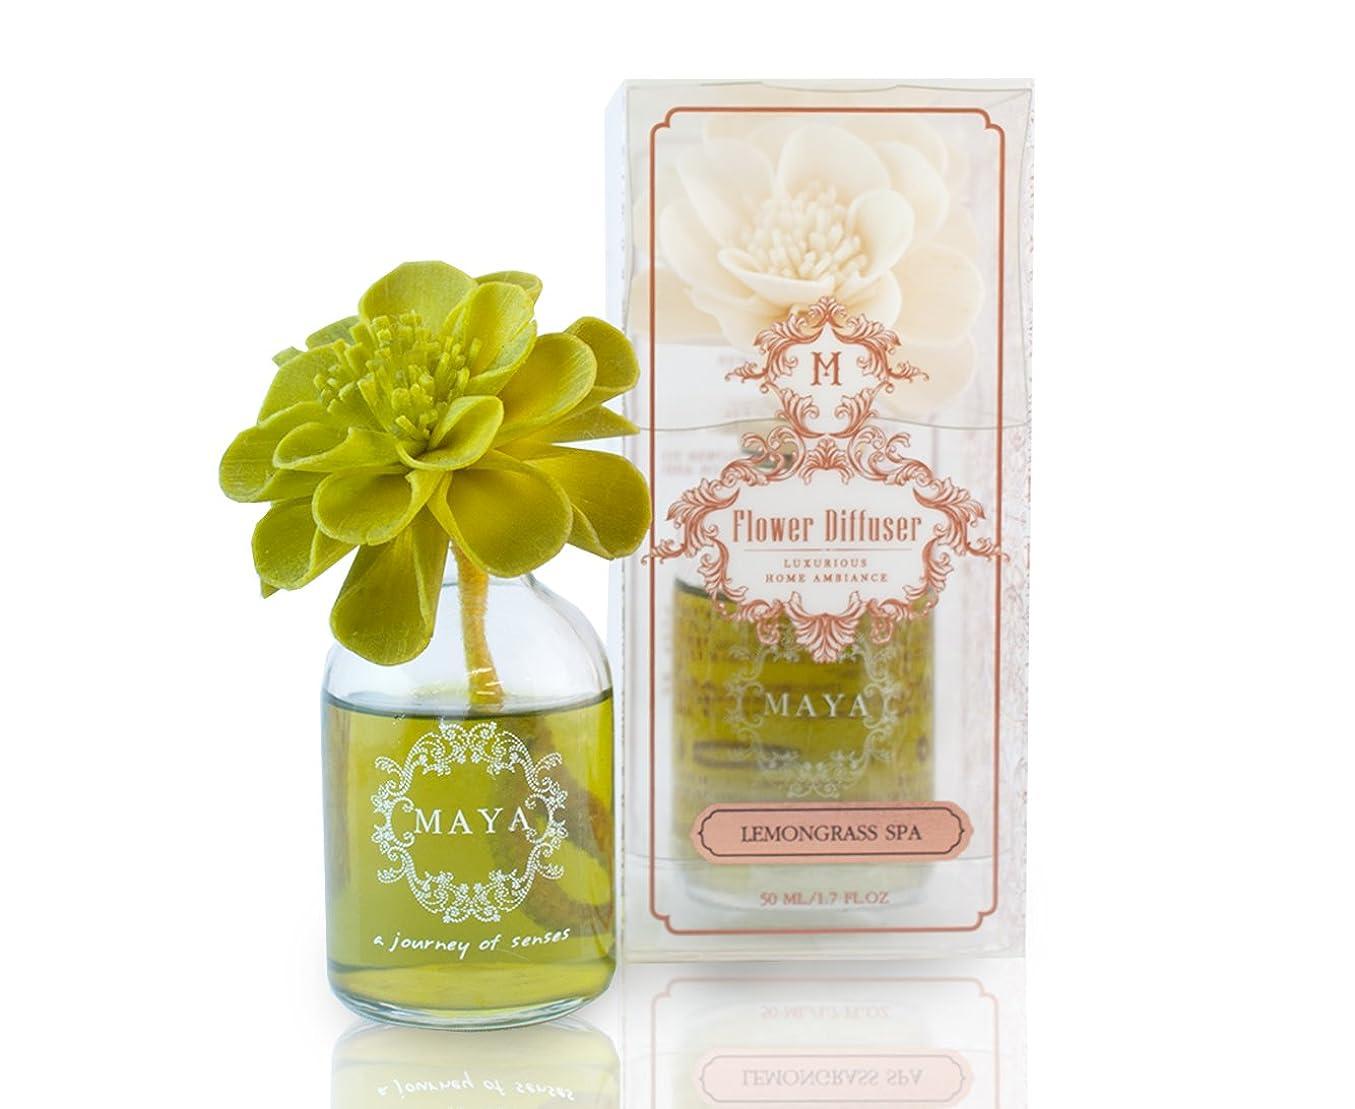 インターネット事実ばかげたMAYA フラワーディフューザー レモングラススパ 50ml [並行輸入品] |Aroma Flower Diffuser - Lemongrass Spa 50ml